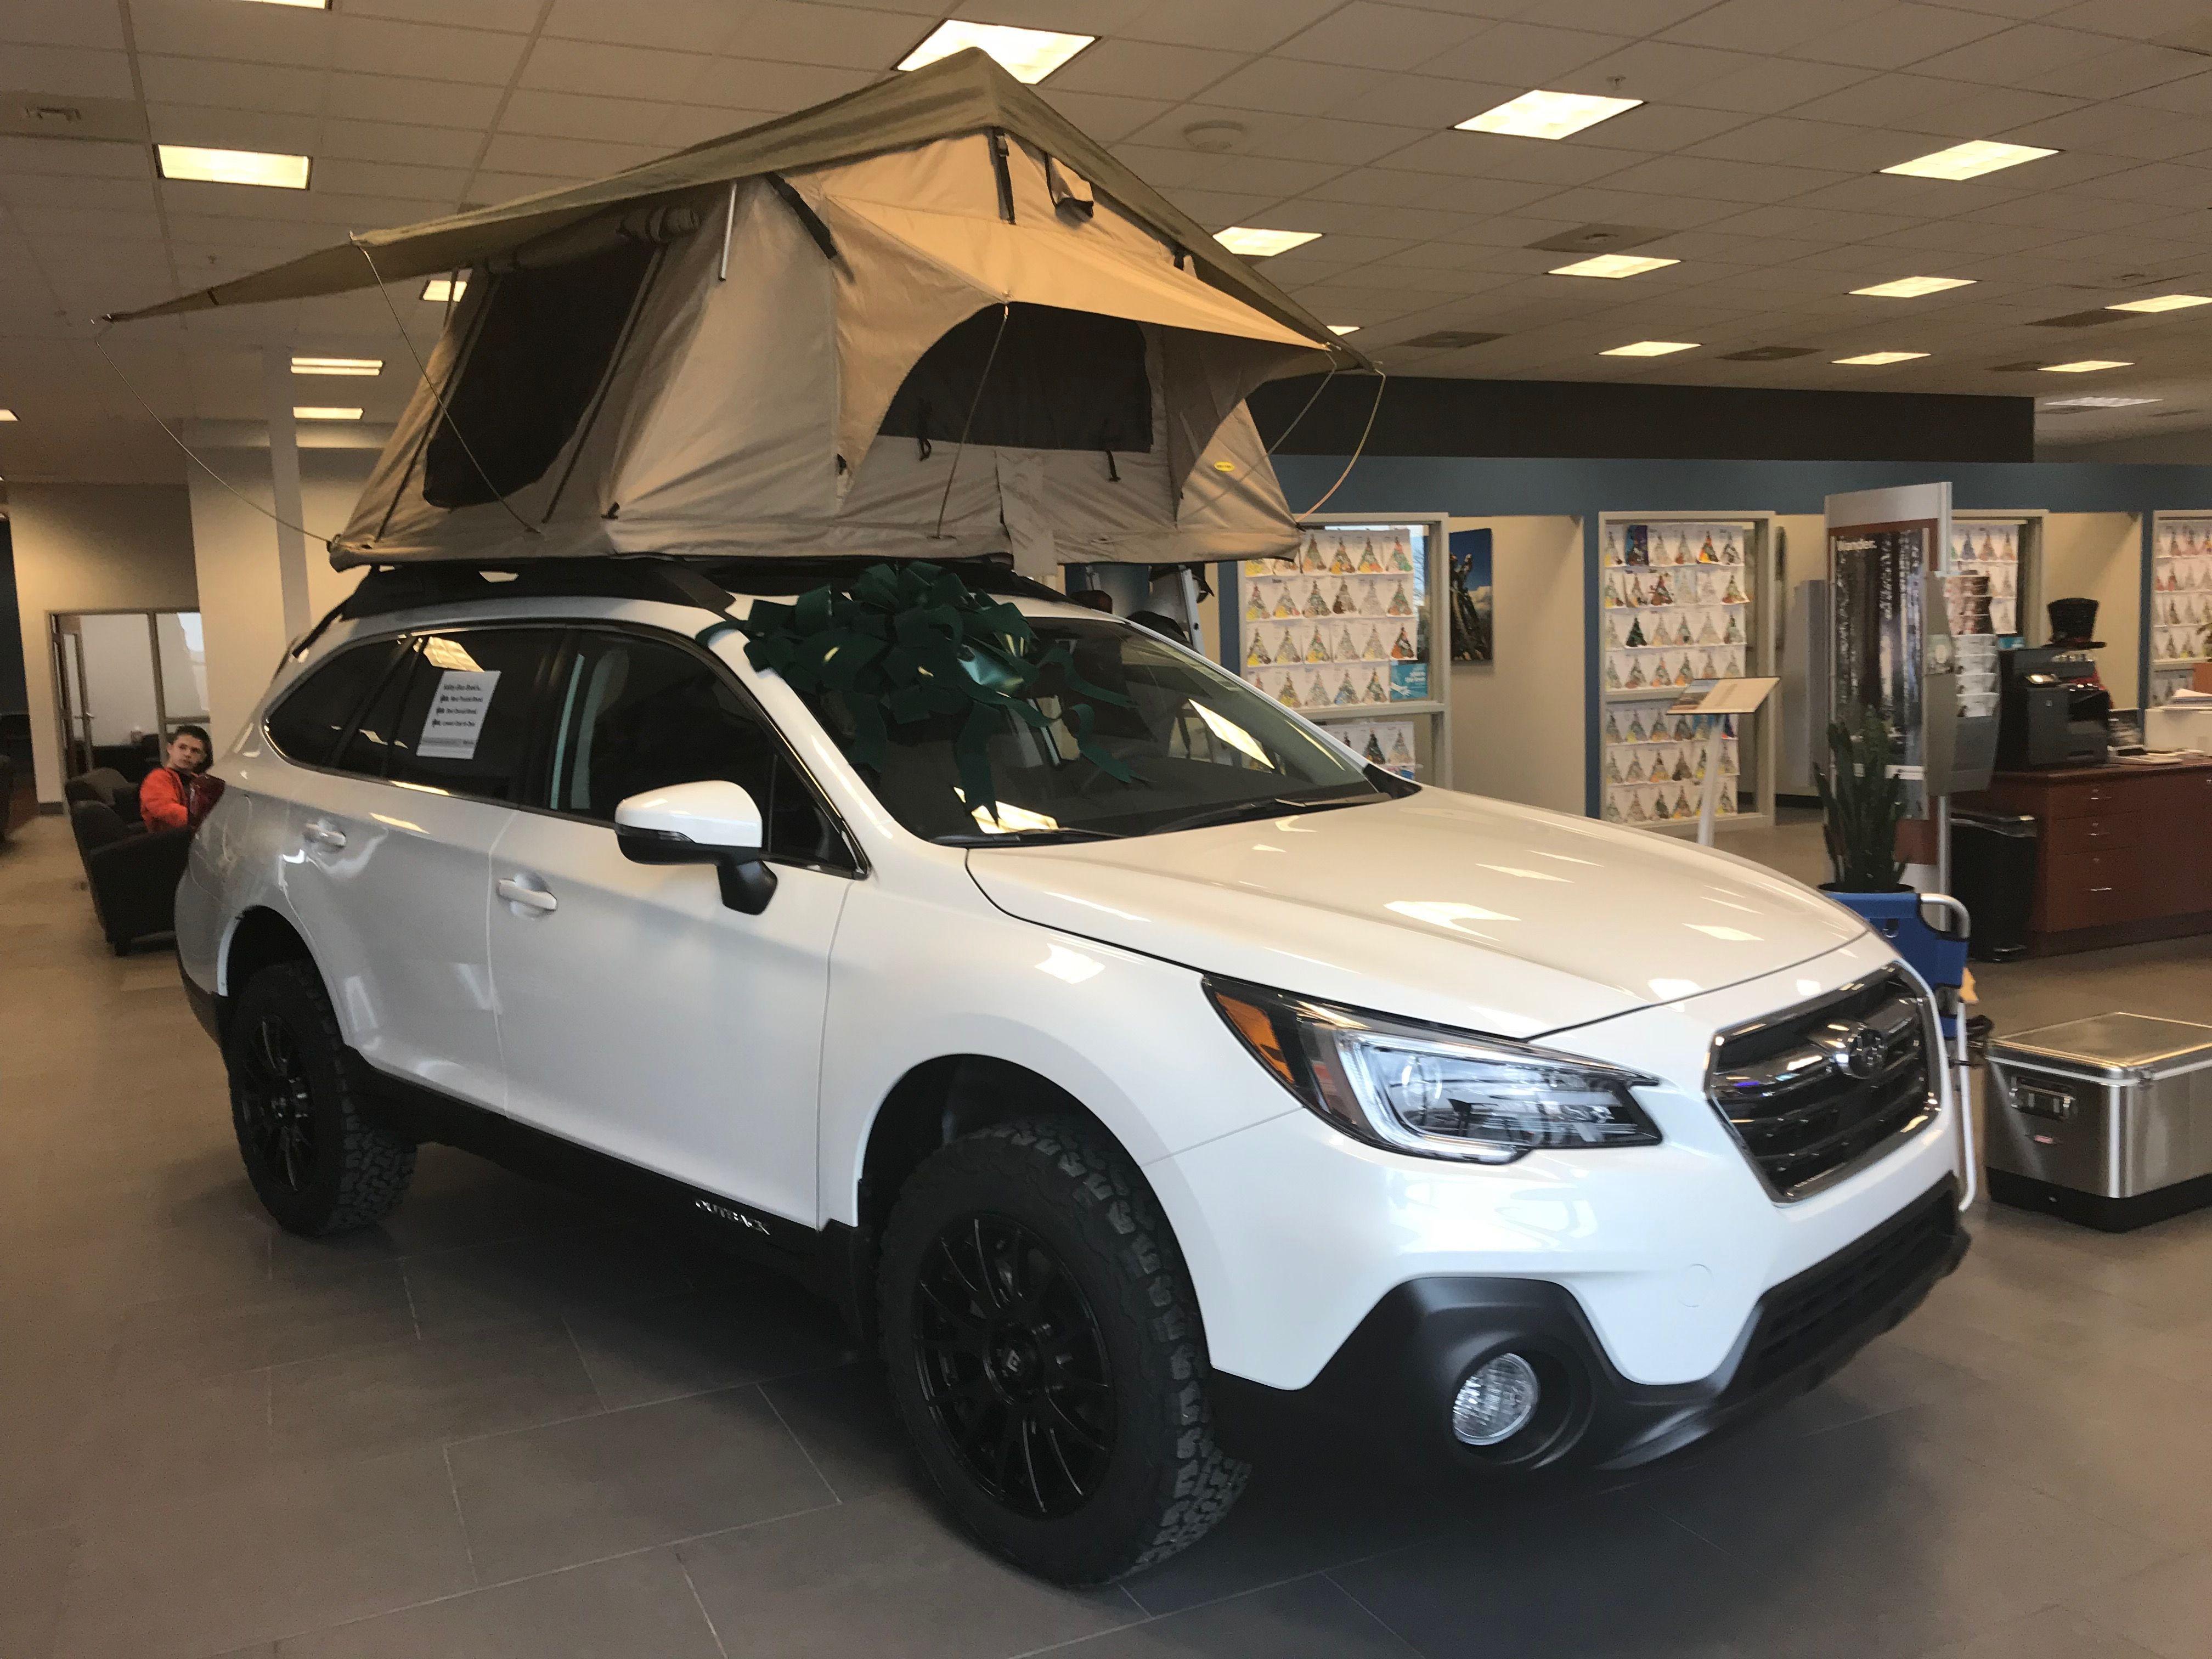 Custom Subaru Outback >> Custom Subaru Outback On The Showroom Floor Subaru